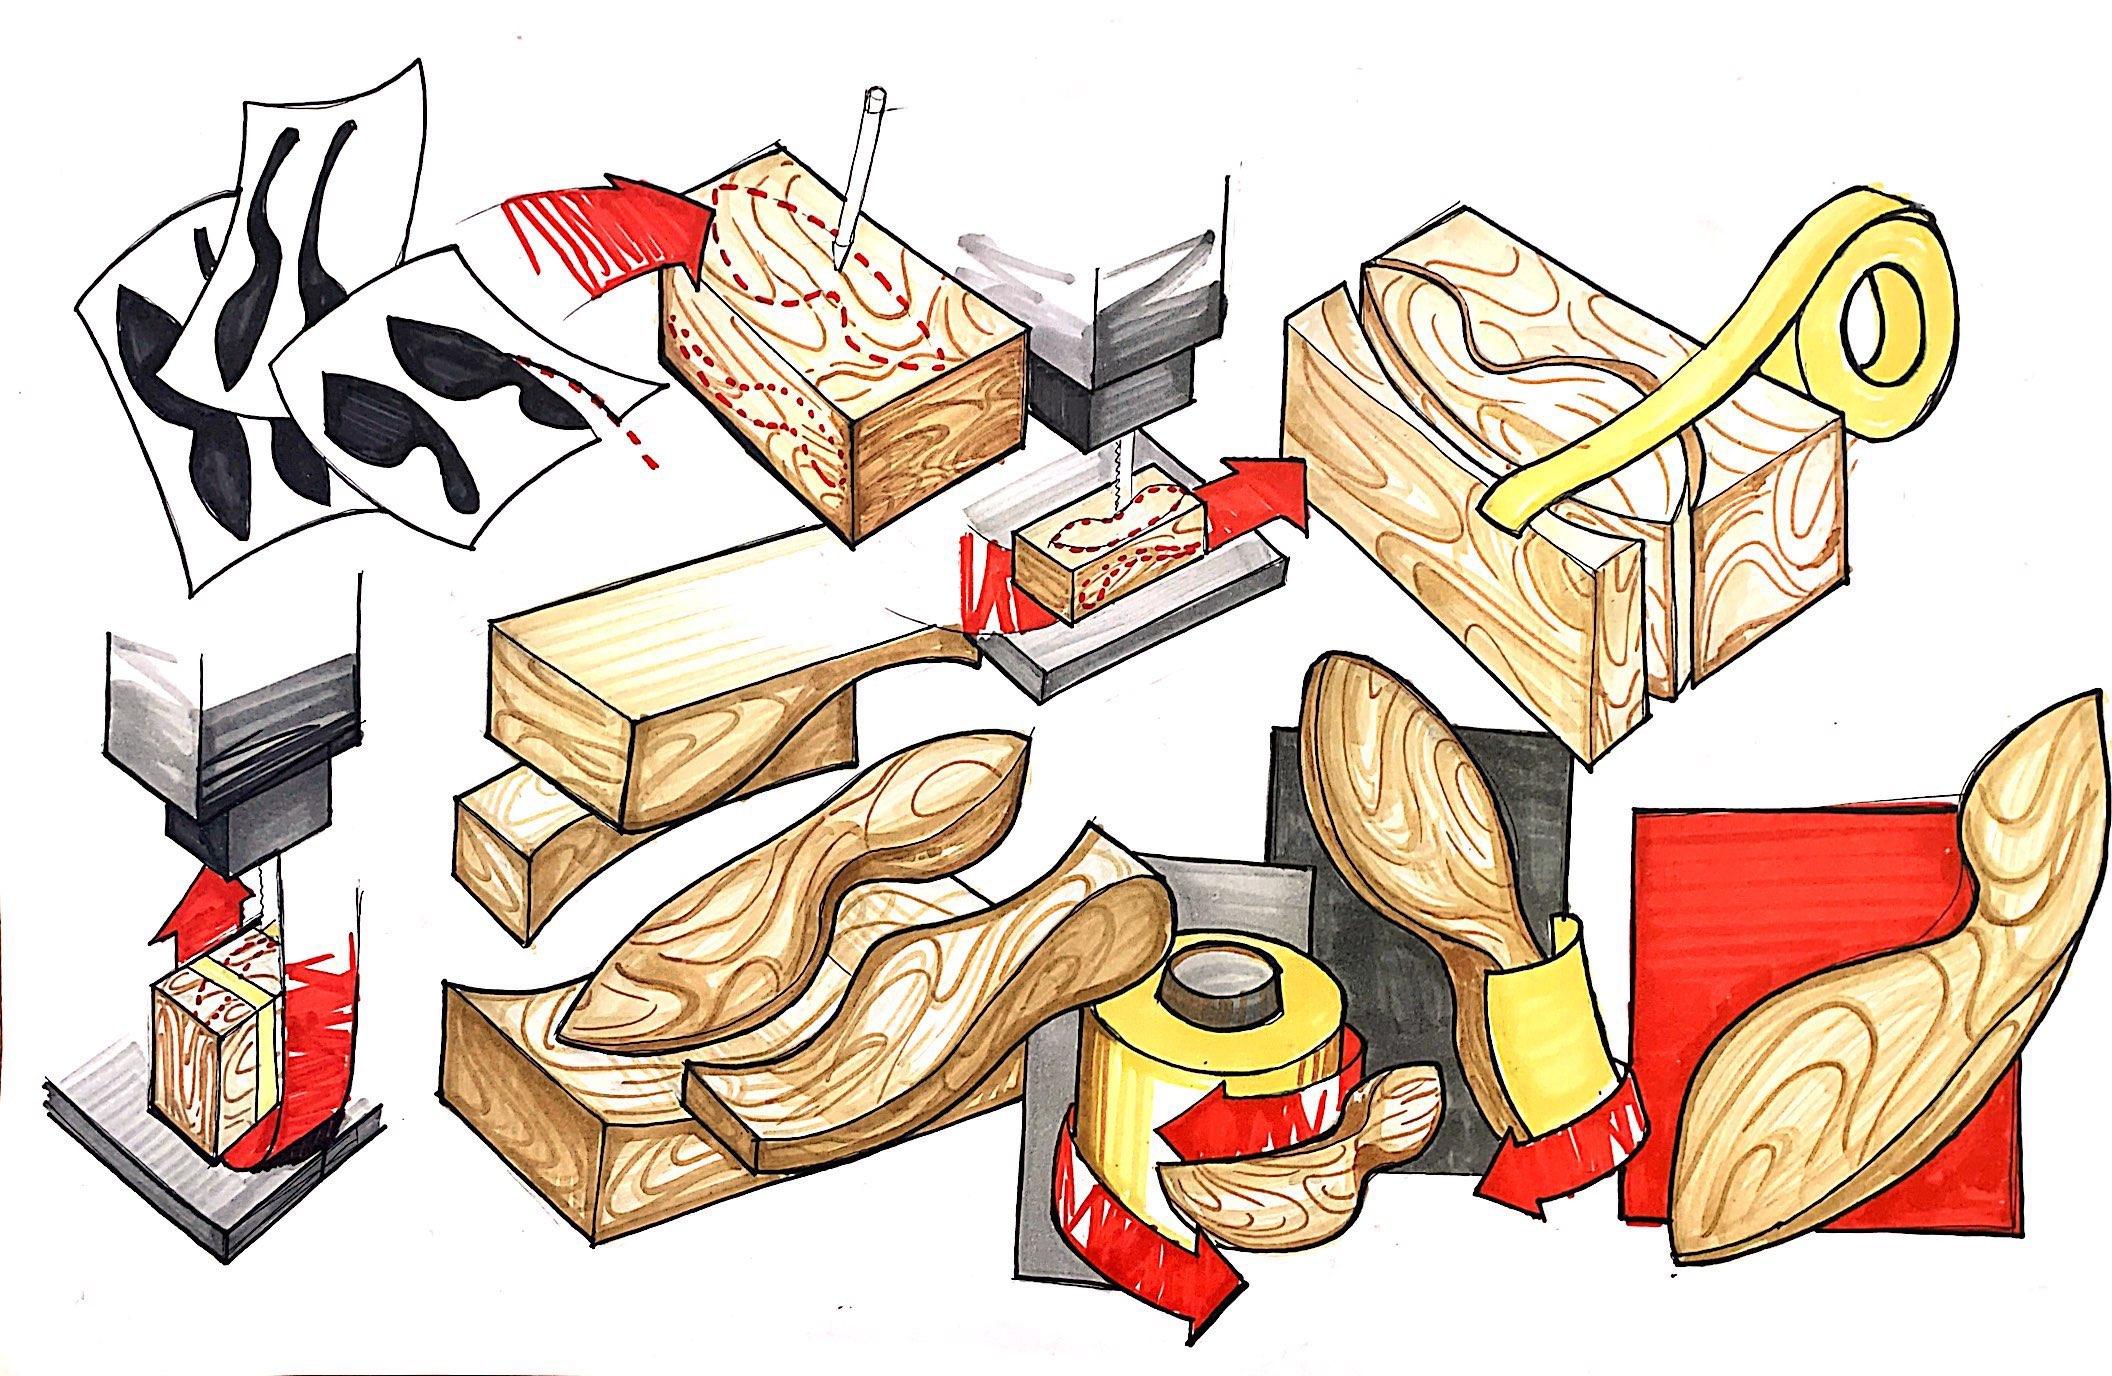 Final Storyboard of fabrication process